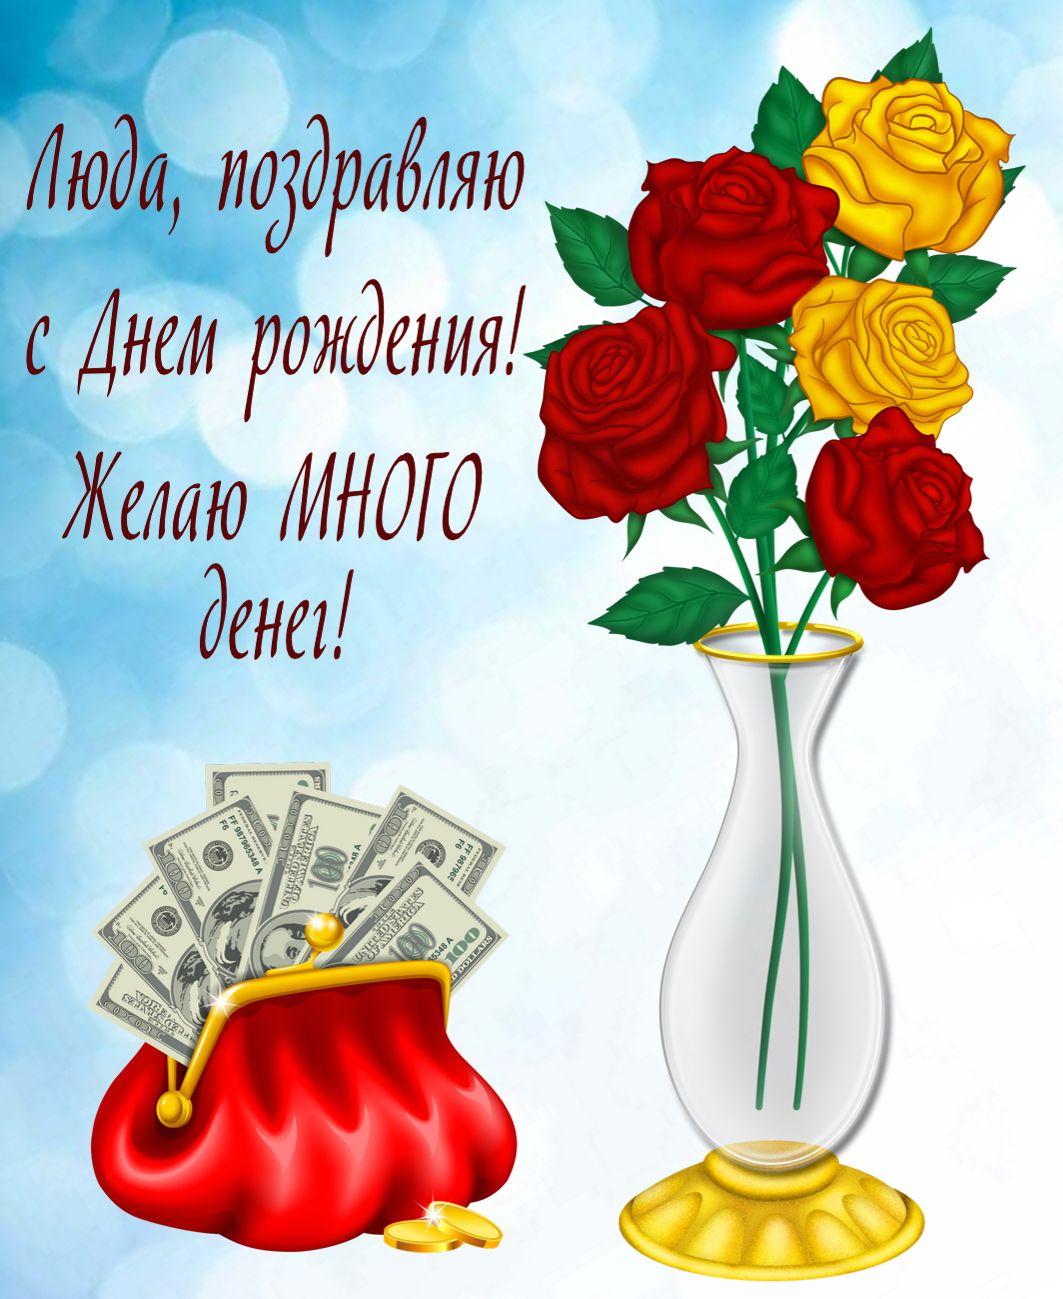 Открытка с розами и кошельком для Люды